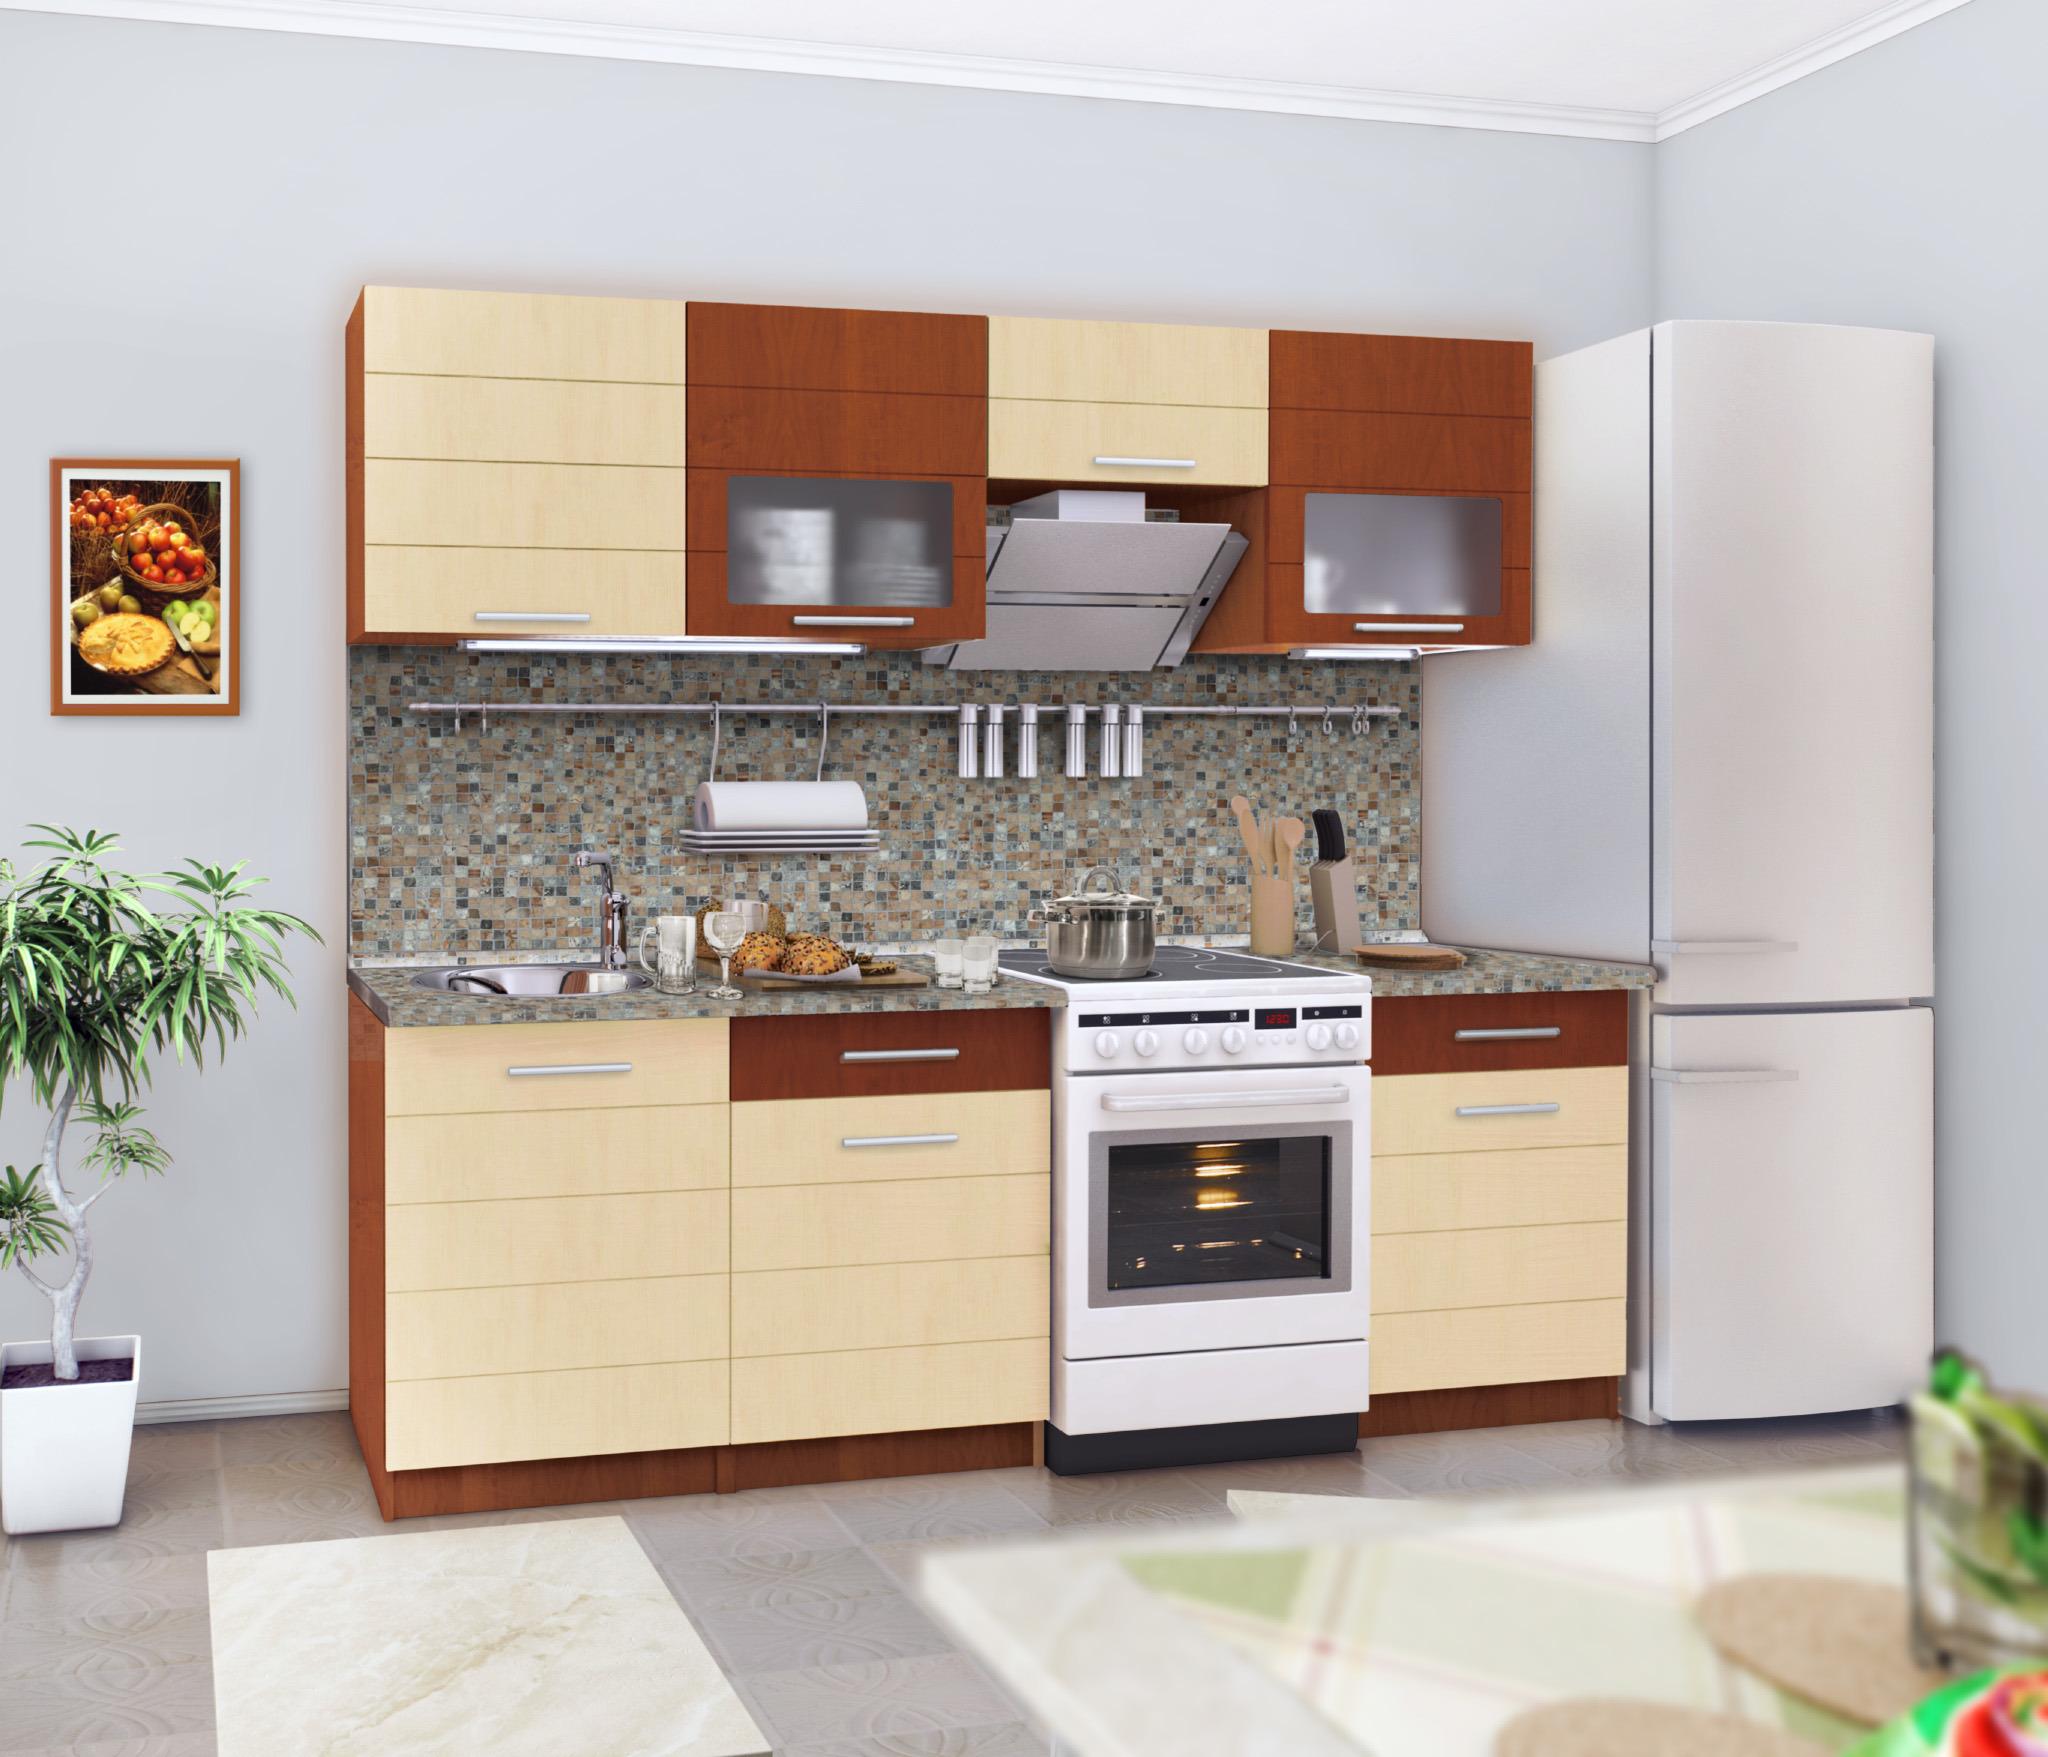 Милена Кухонный гарнитурКухонные гарнитуры<br>Удобный и практичный набор шкафов для кухни.<br><br>Длина мм: 2400<br>Высота мм: 845<br>Глубина мм: 450